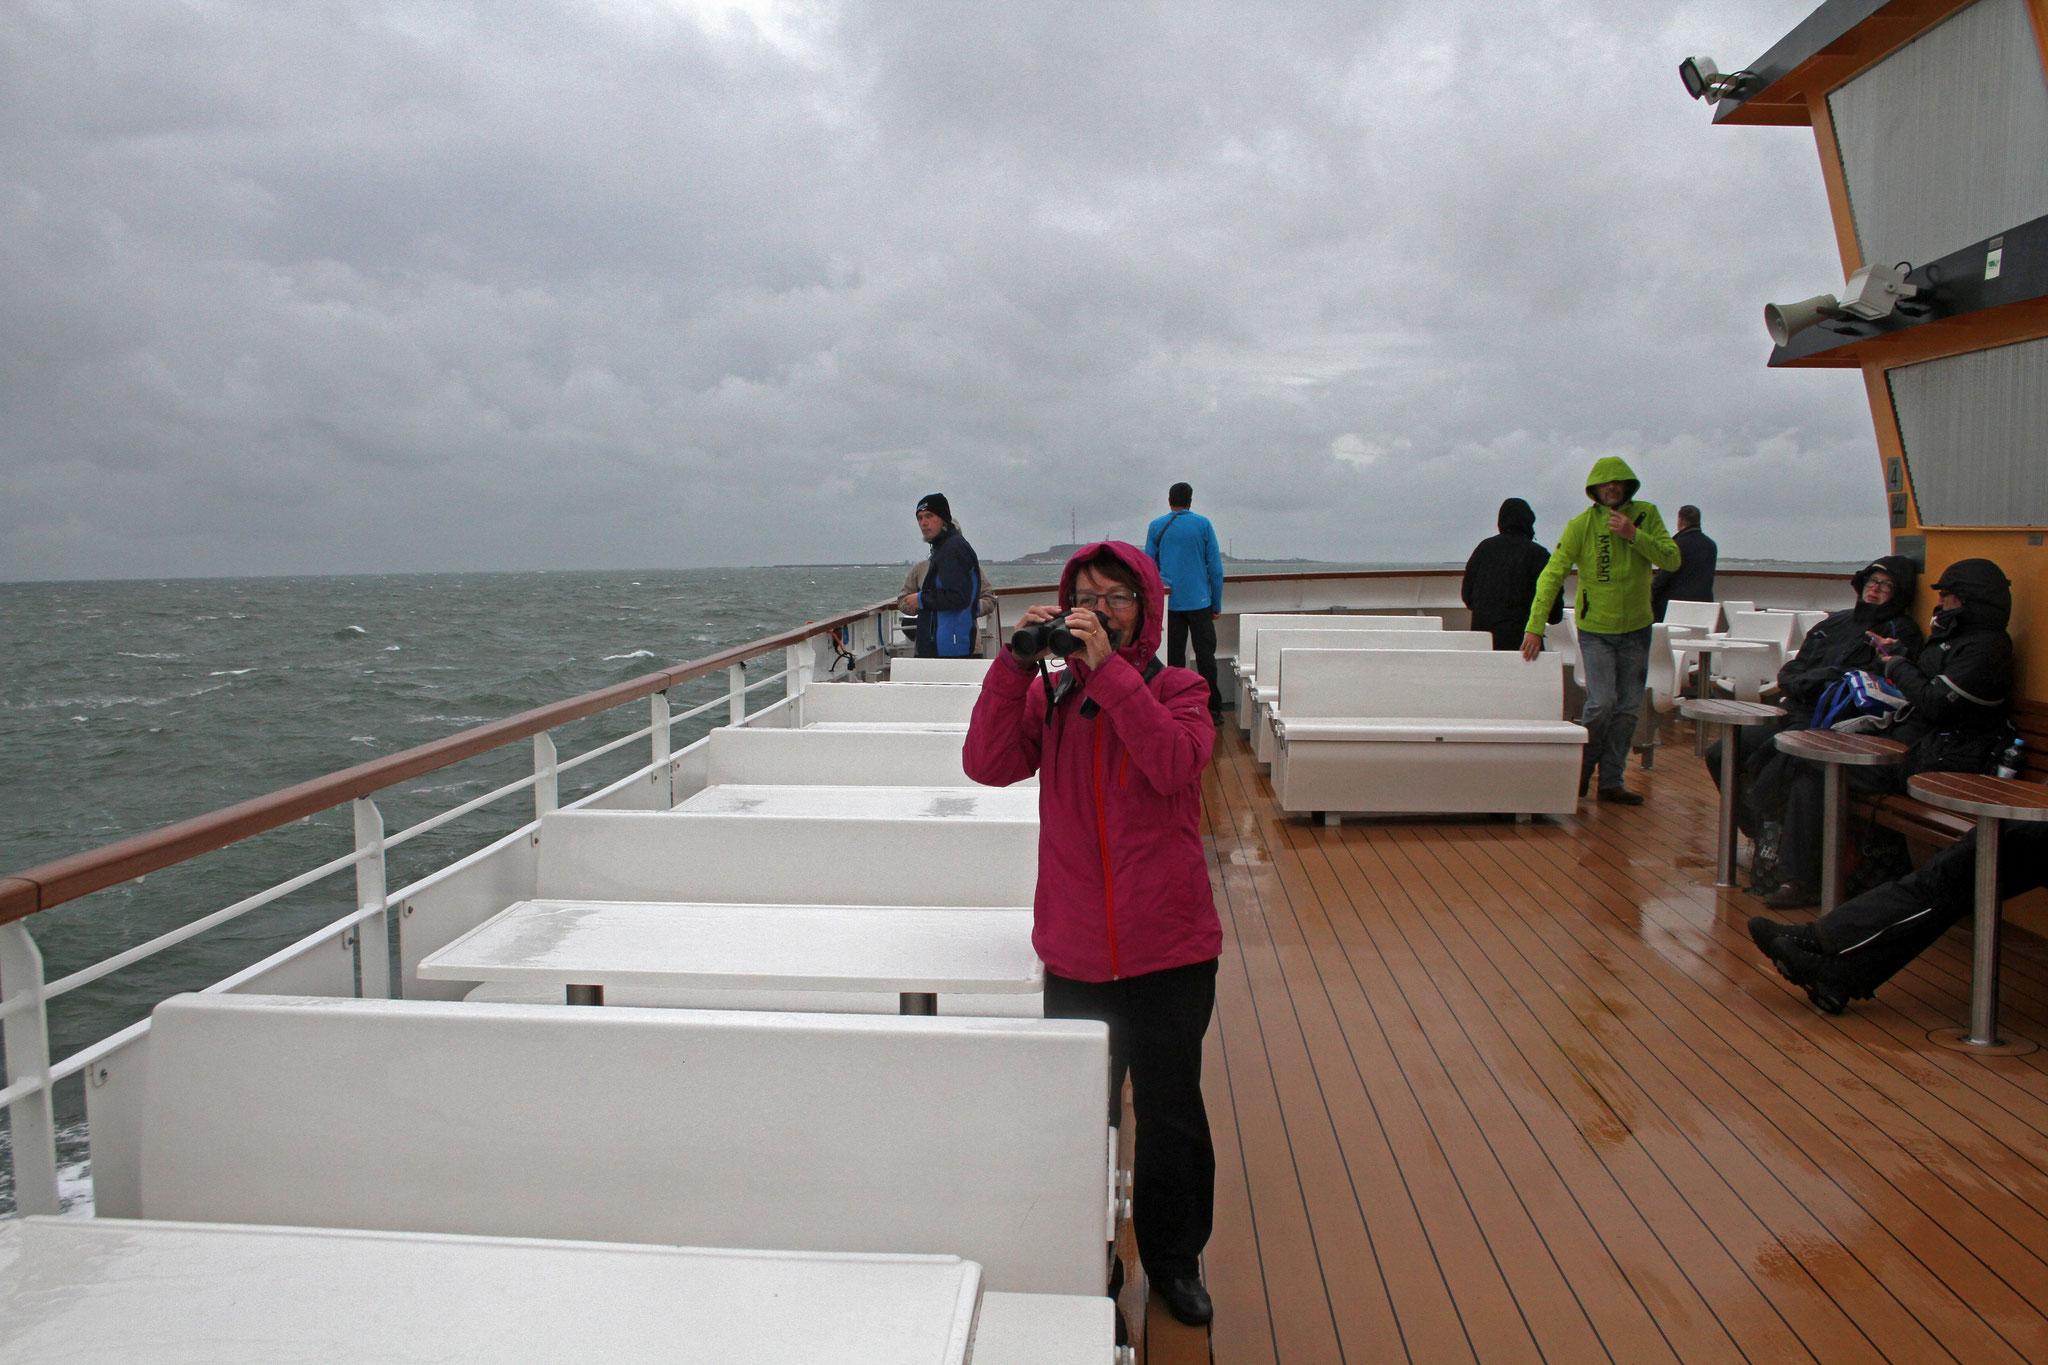 Trotz garstigem Wetter wagten sich auf der Überfahrt einige Vogelbeobachter an Deck der Fähre.